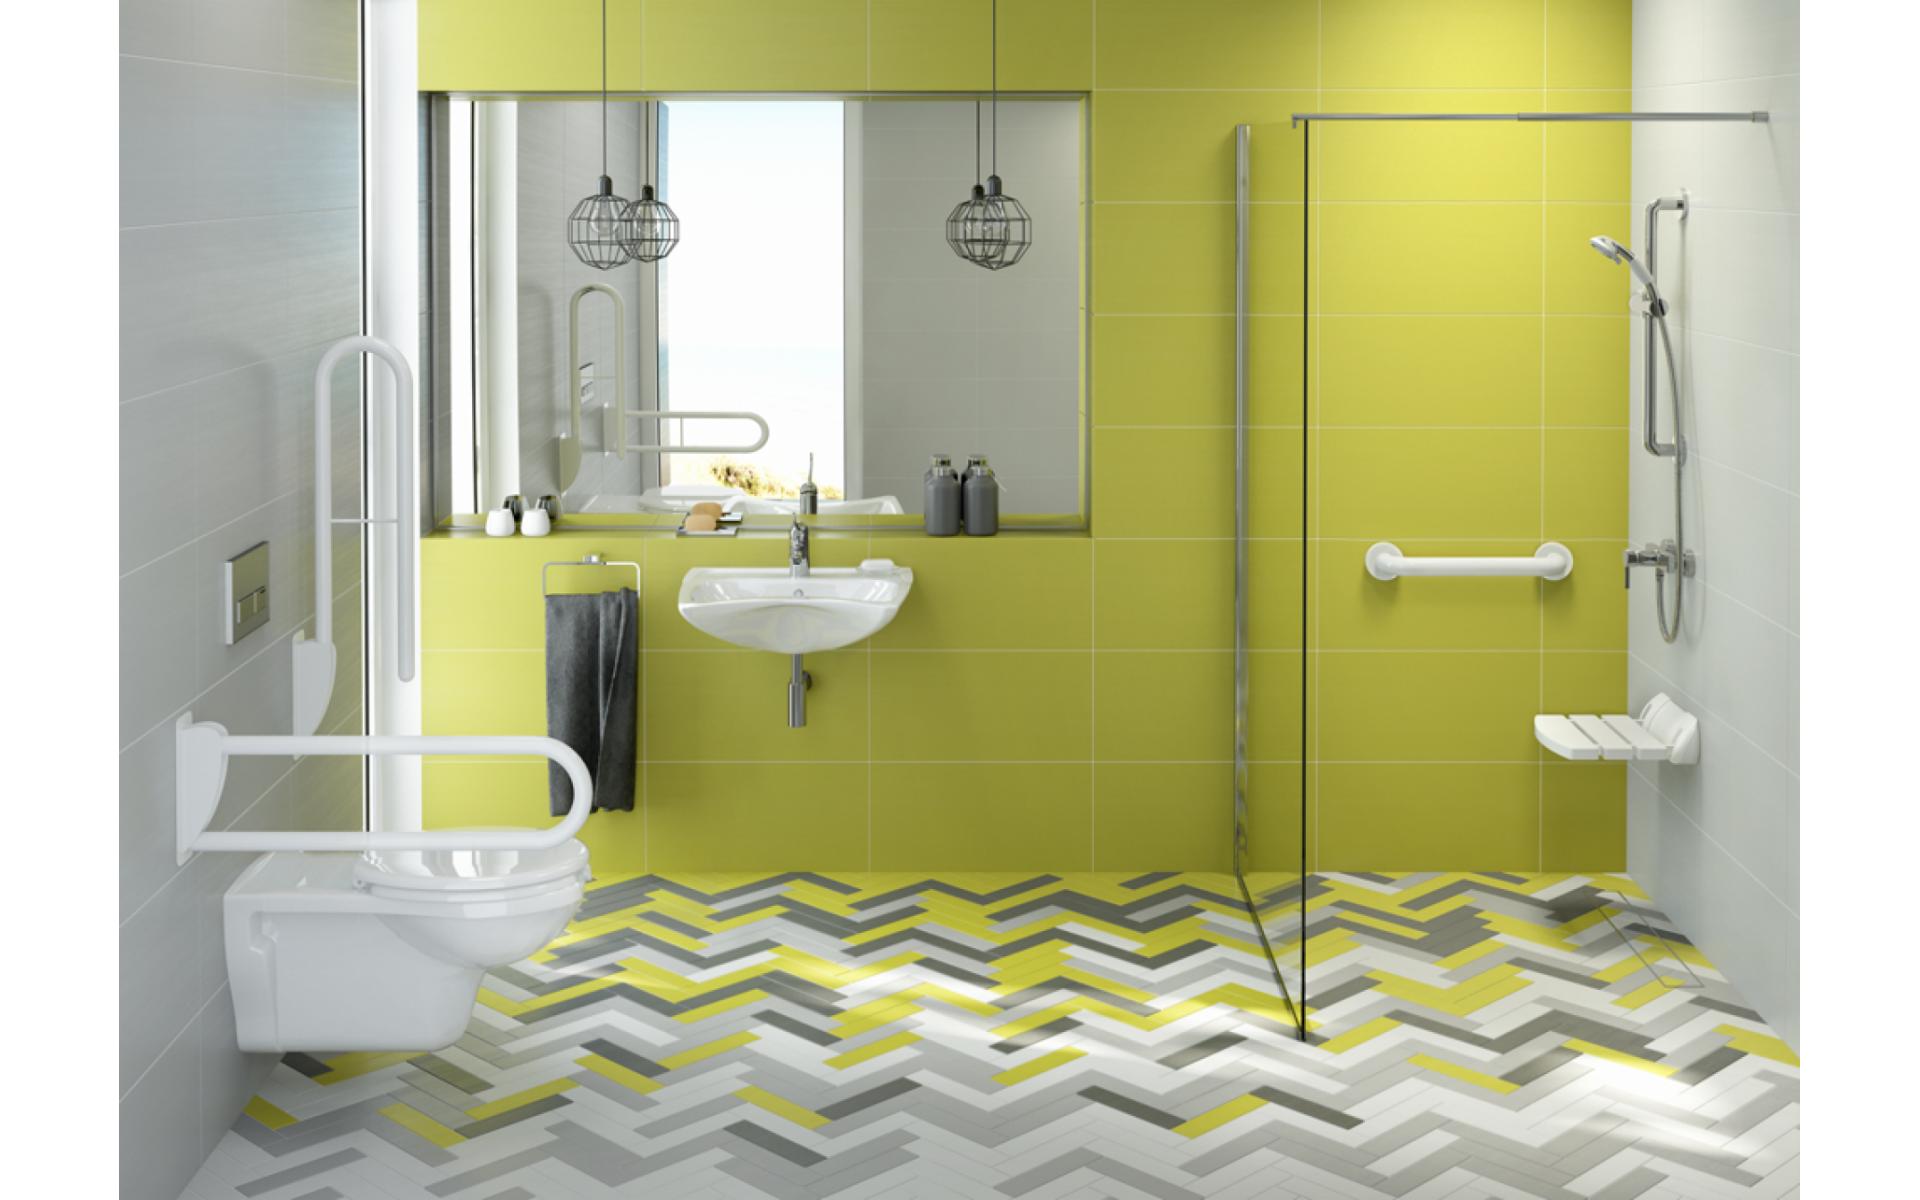 Poręcz pod prysznic dla seniora zintegrowana z zestawem natryskowym Deante Vital.